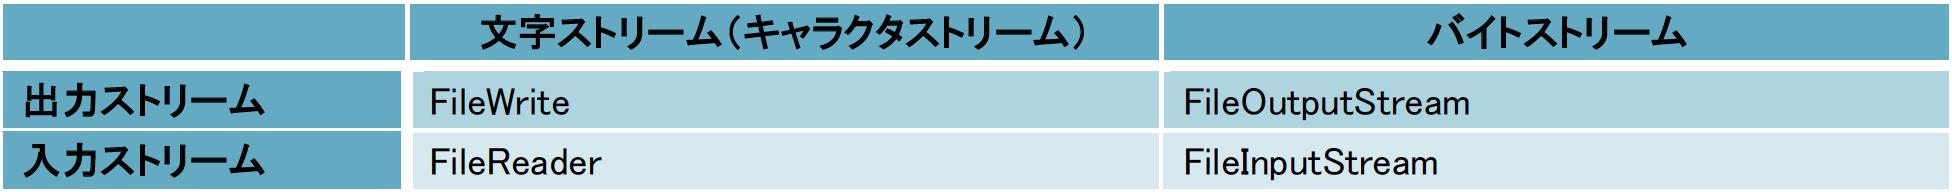 文字コード体系の別称